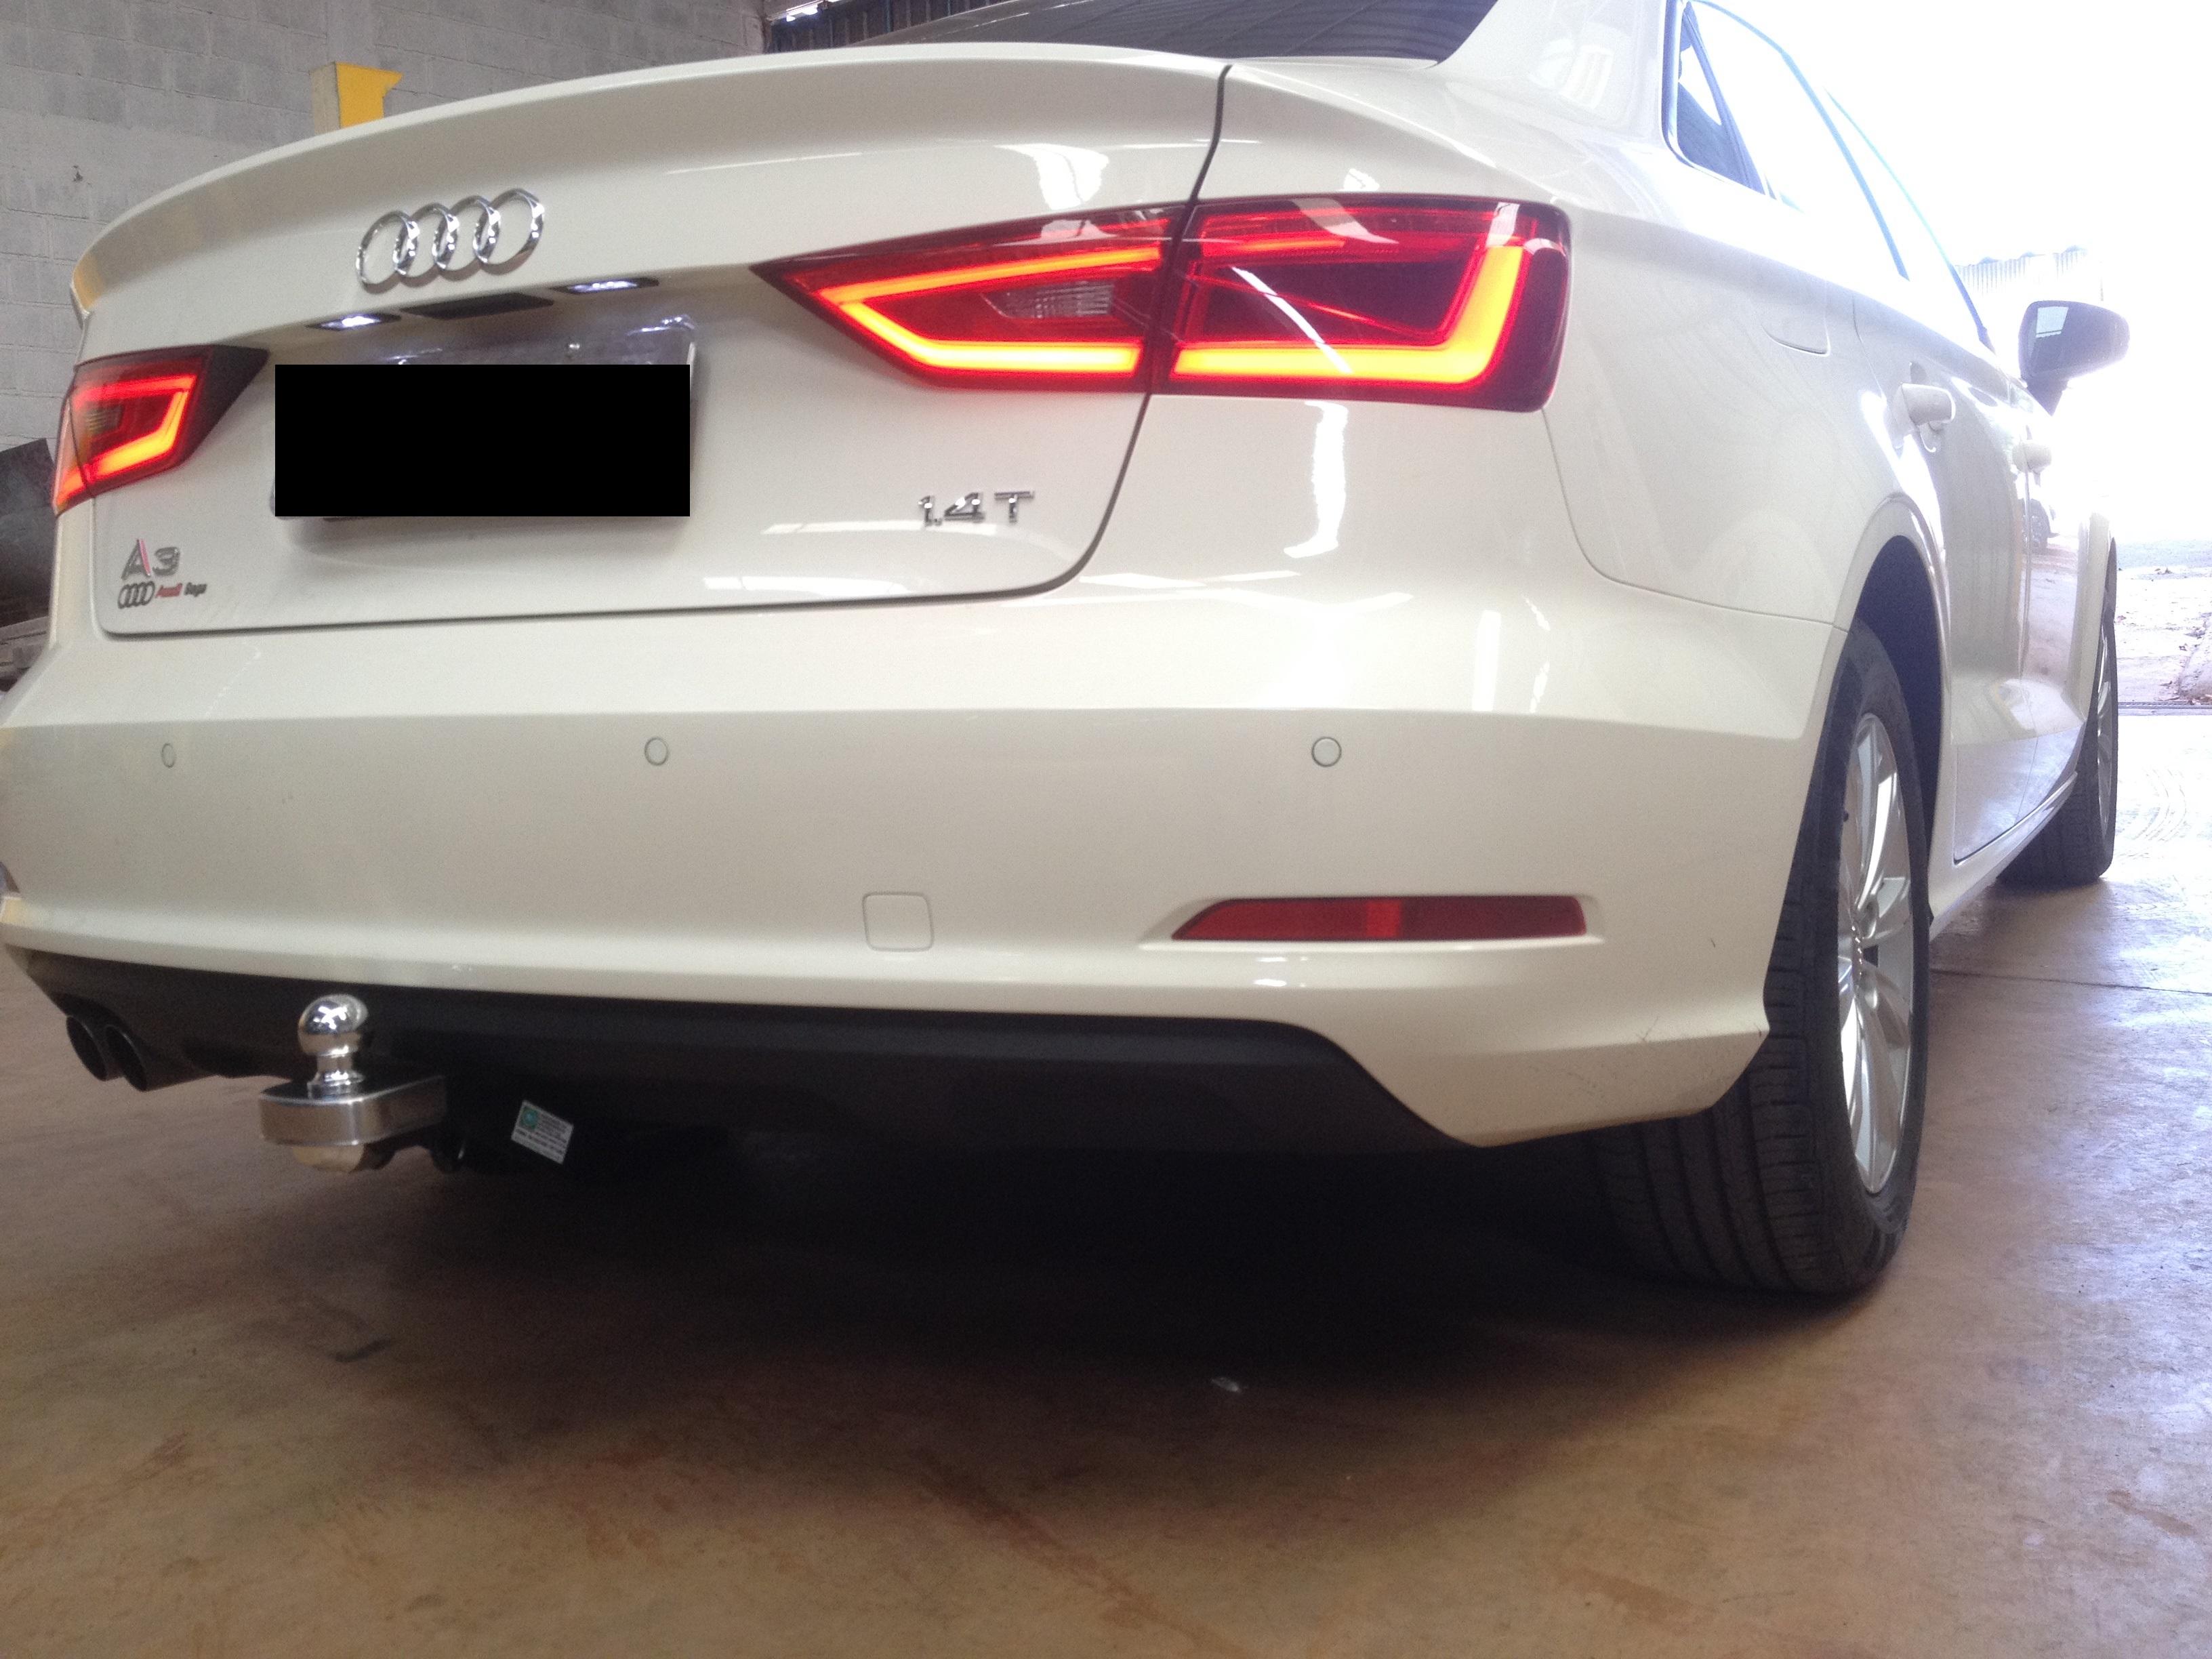 Seja seu carro nacional ou importado, temos grande variedades de engates, todos fabricados de acordo com as normas do mercado, com qualidade, segurança e durabilidade.